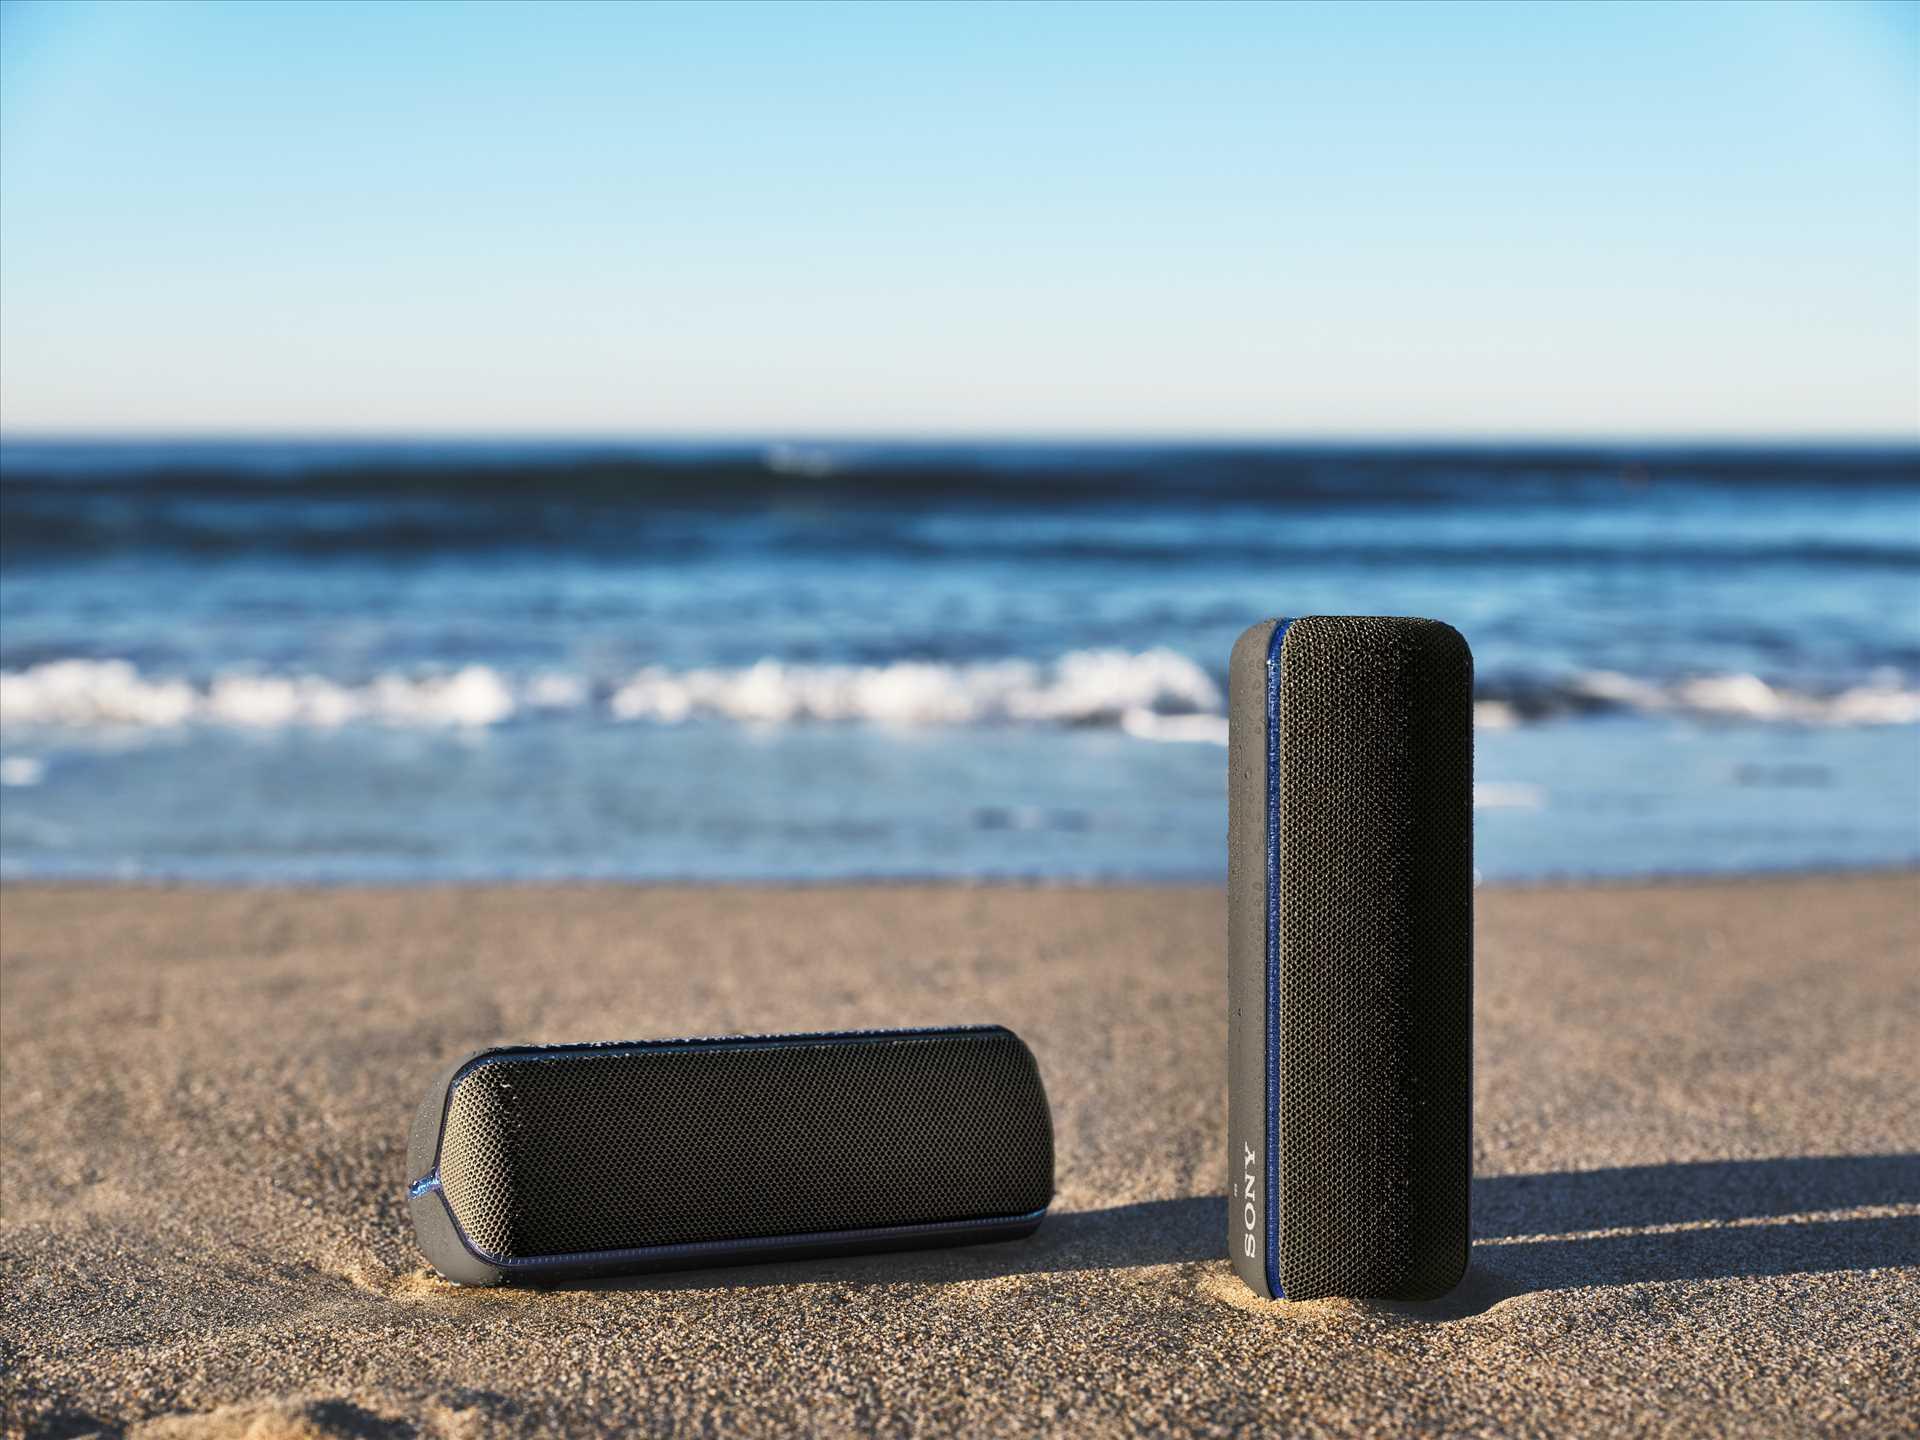 רמקול נייד שחור Sony SRS-XB32B סוני - תמונה 18